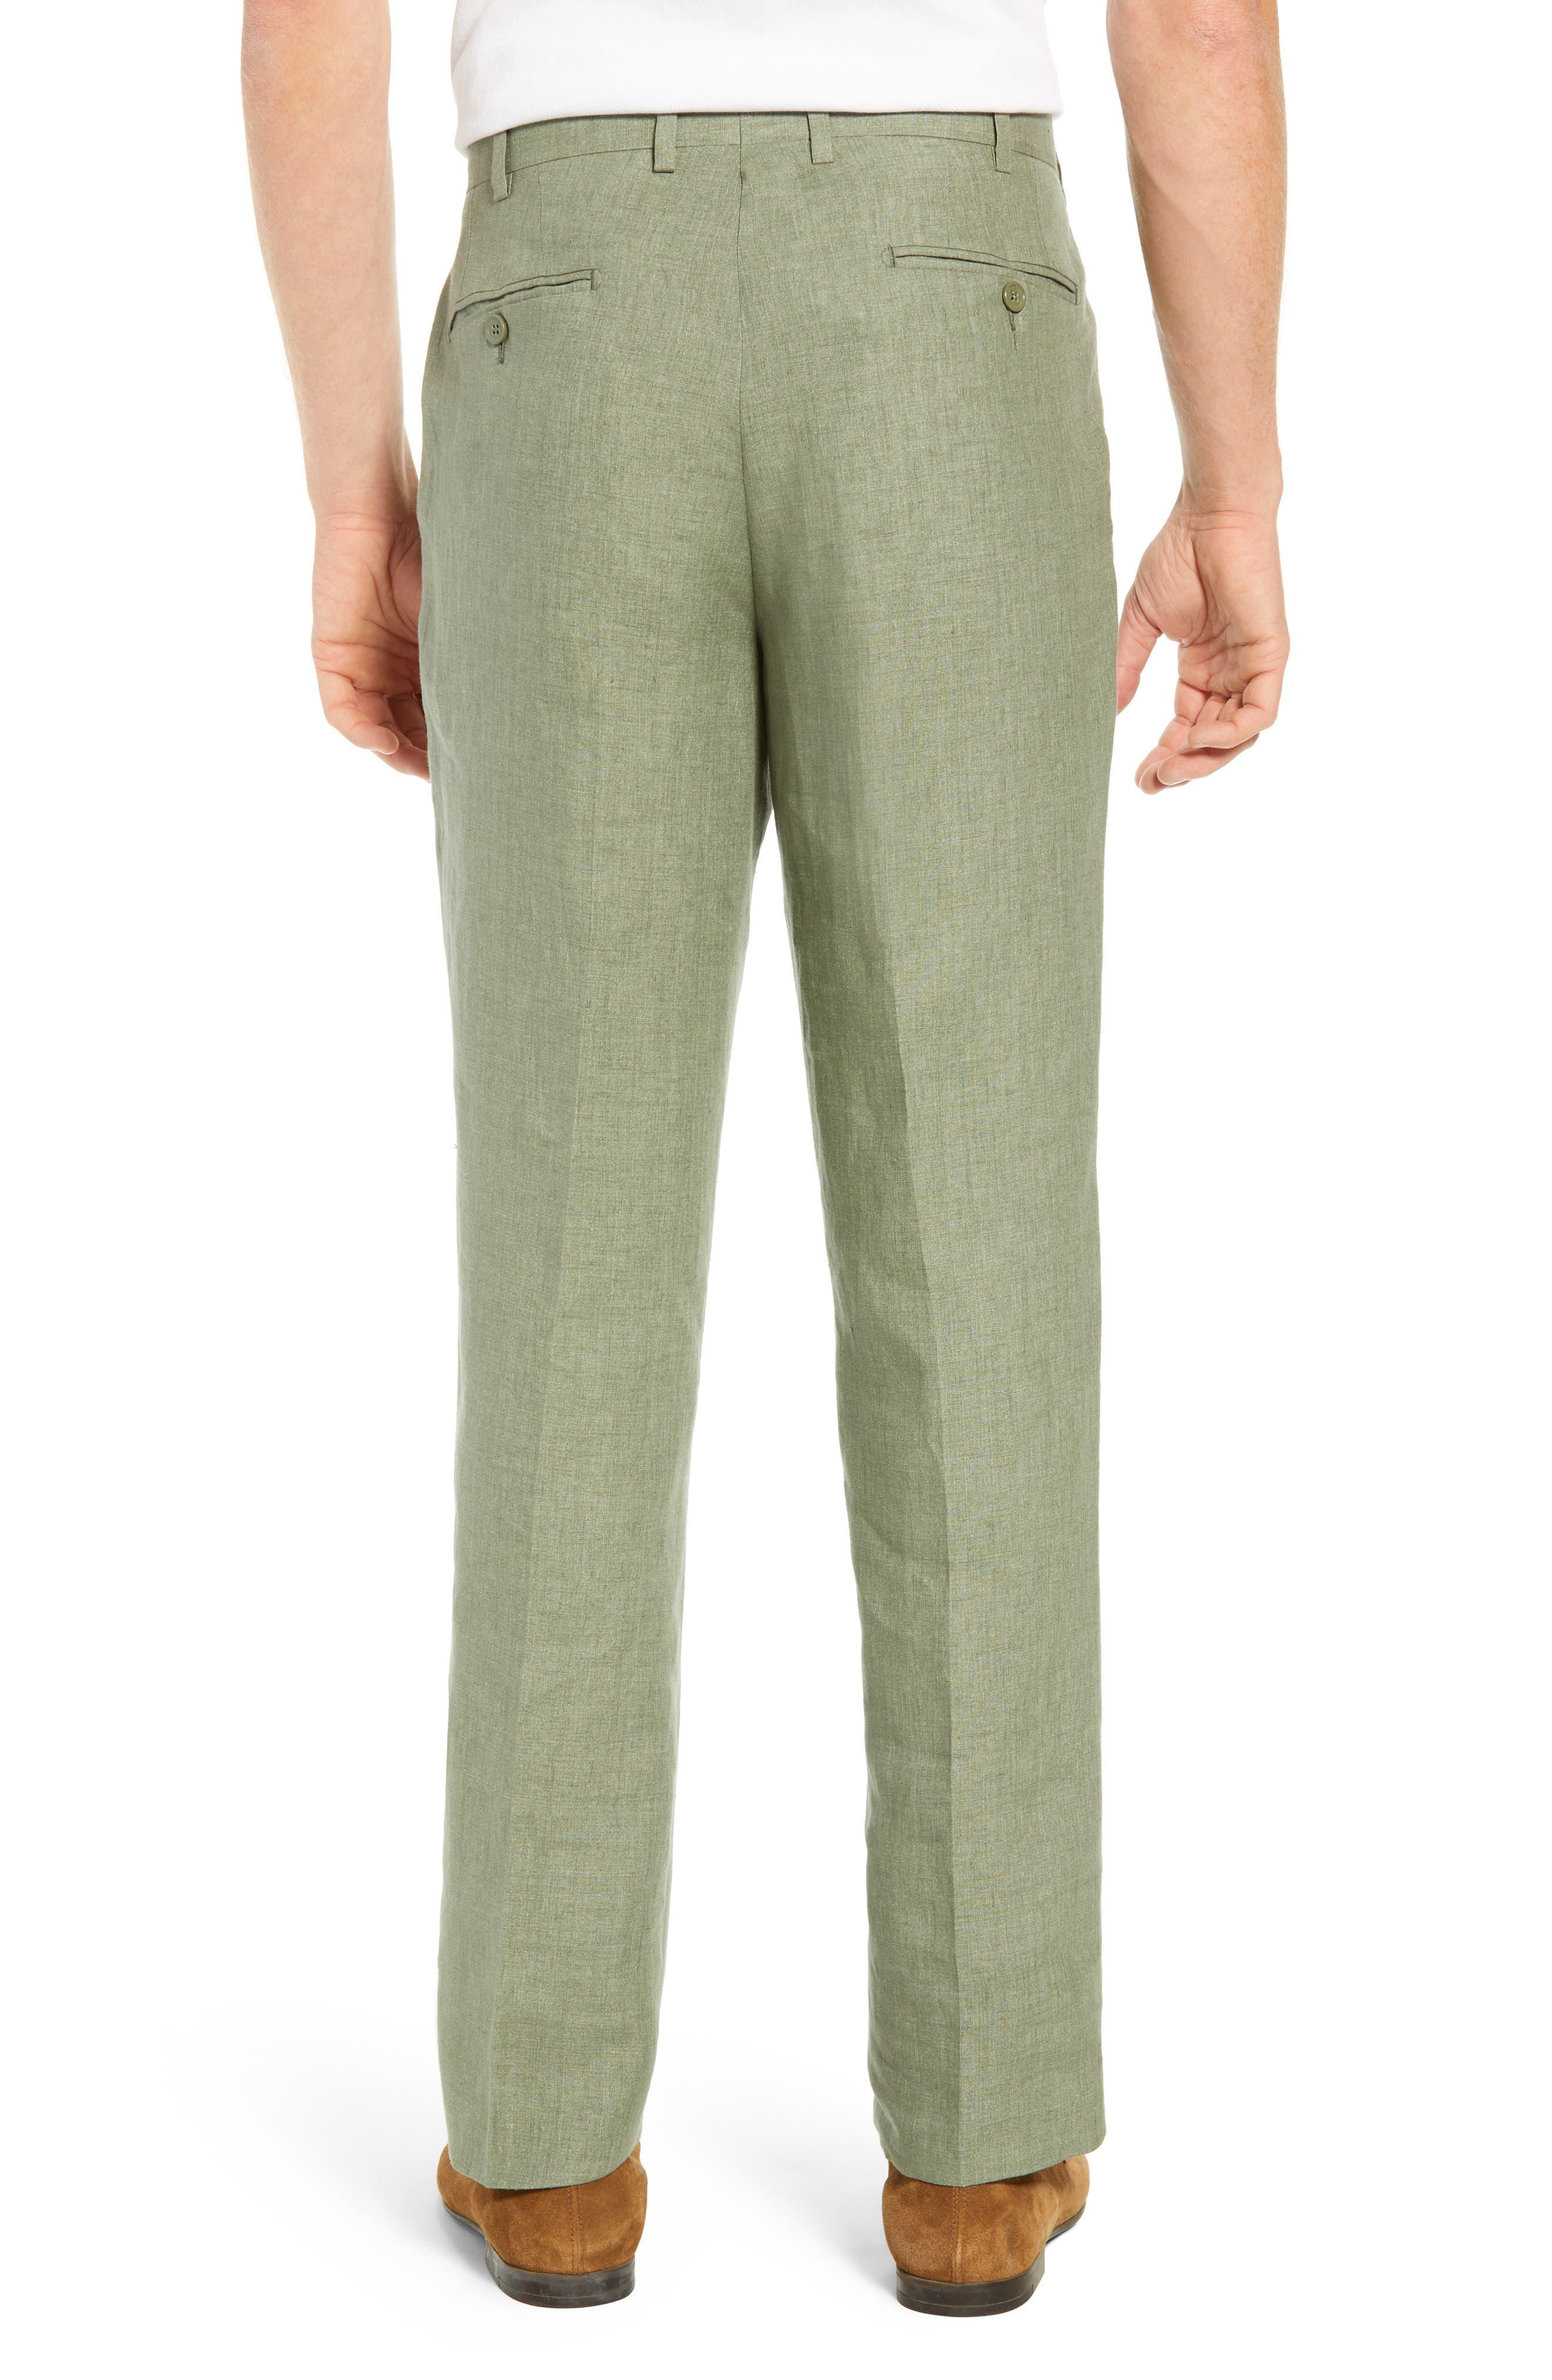 32c2885e7e52b Pants John W. Nordstrom®